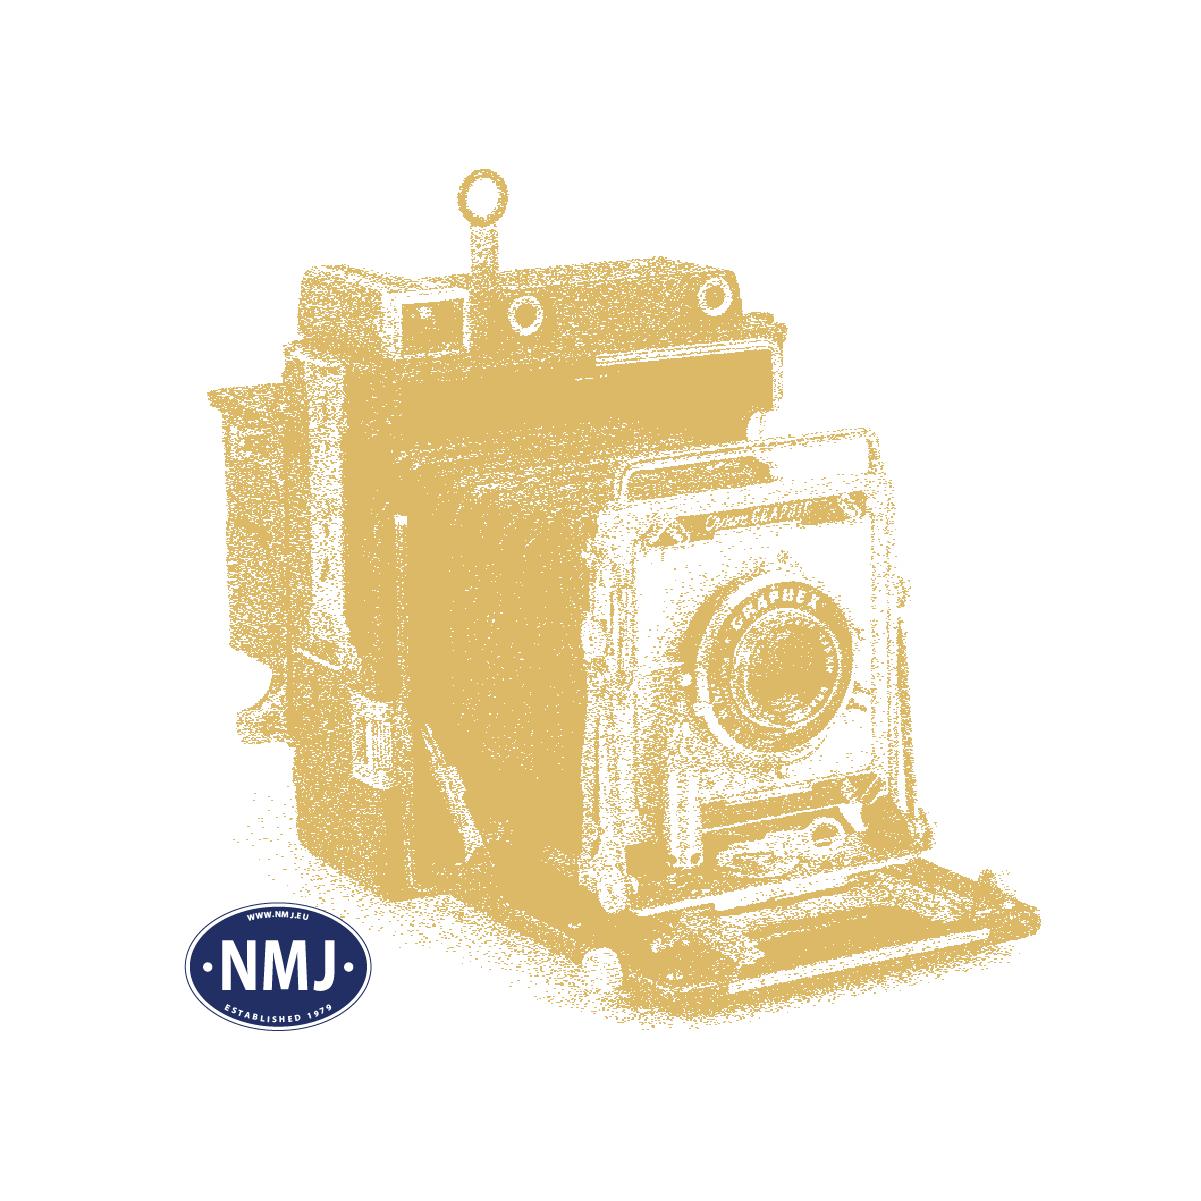 NMJT609.503 - NMJ Topline TGOJ Gre 11010